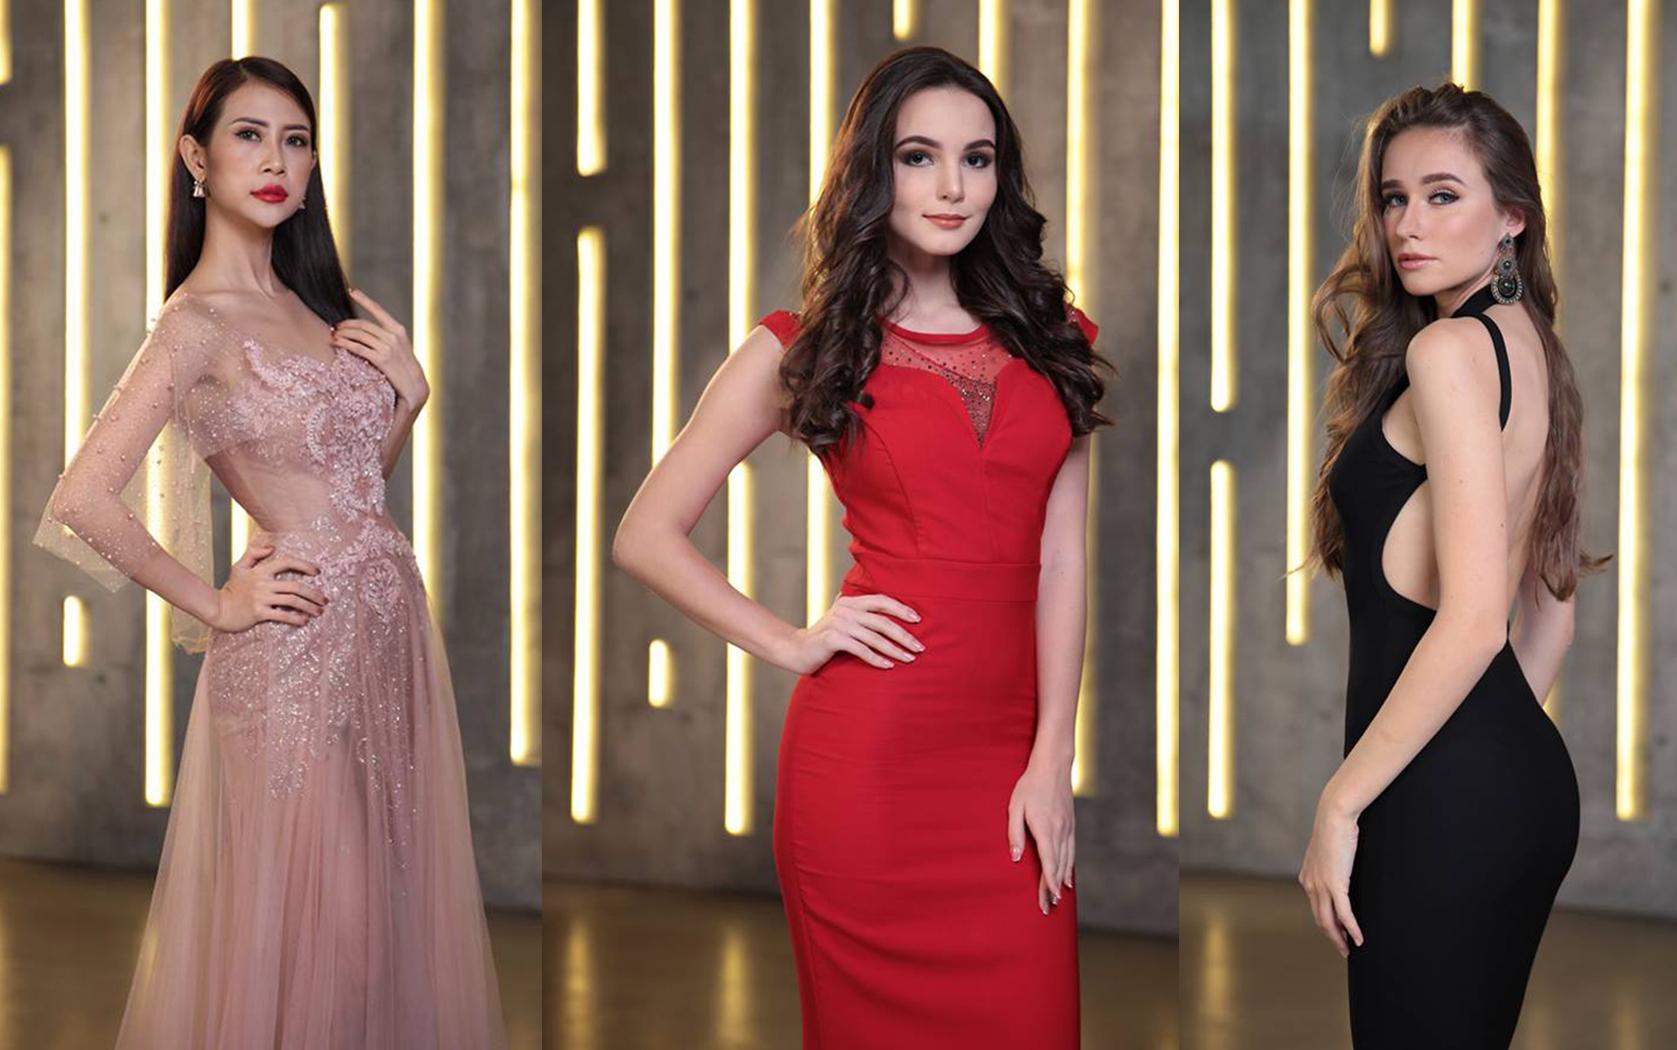 15 thí sinh nổi bật của Hoa hậu Đại sứ Du lịch Thế giới 2017